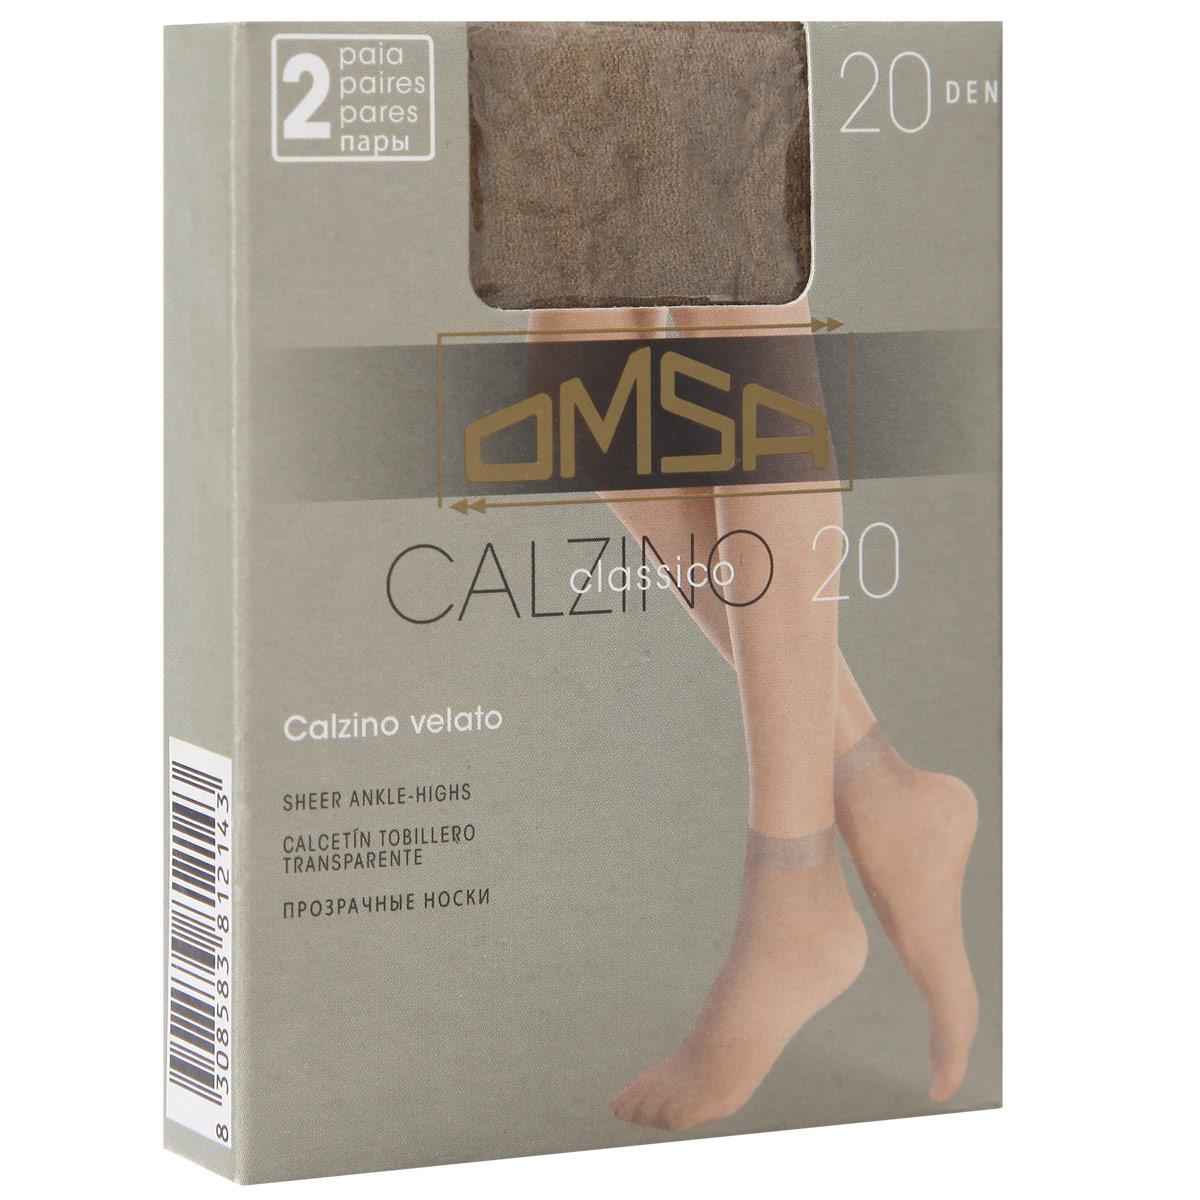 Носки женские Omsa Classico 20. Daino (темно-коричневый), 2 пары. Размер универсальный056 Classico 20Прозрачные женские носки Omsa Classico с комфортной резинкой и невидимым мыском. В комплект входят 2 пары.Плотность: 20 den.